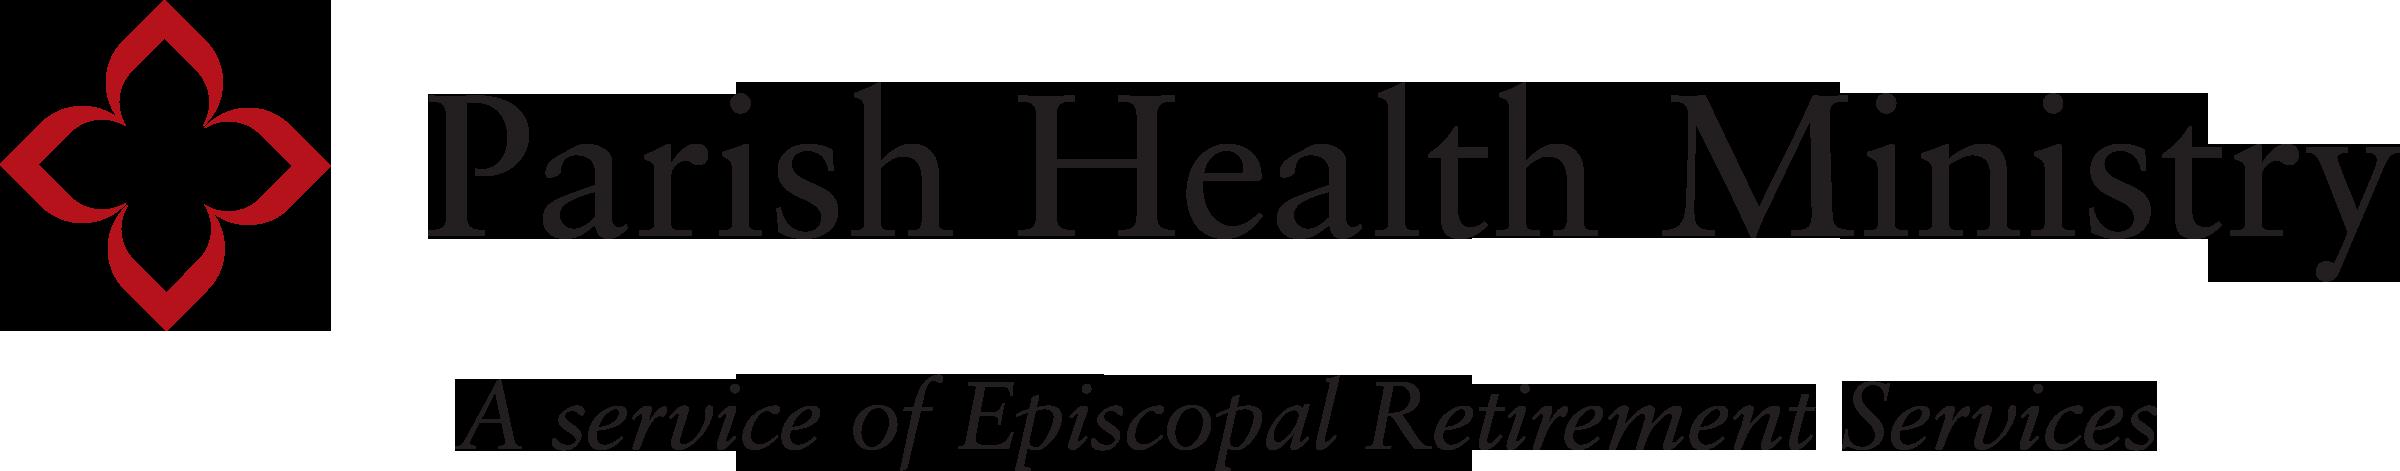 Episcopal Retirement Services